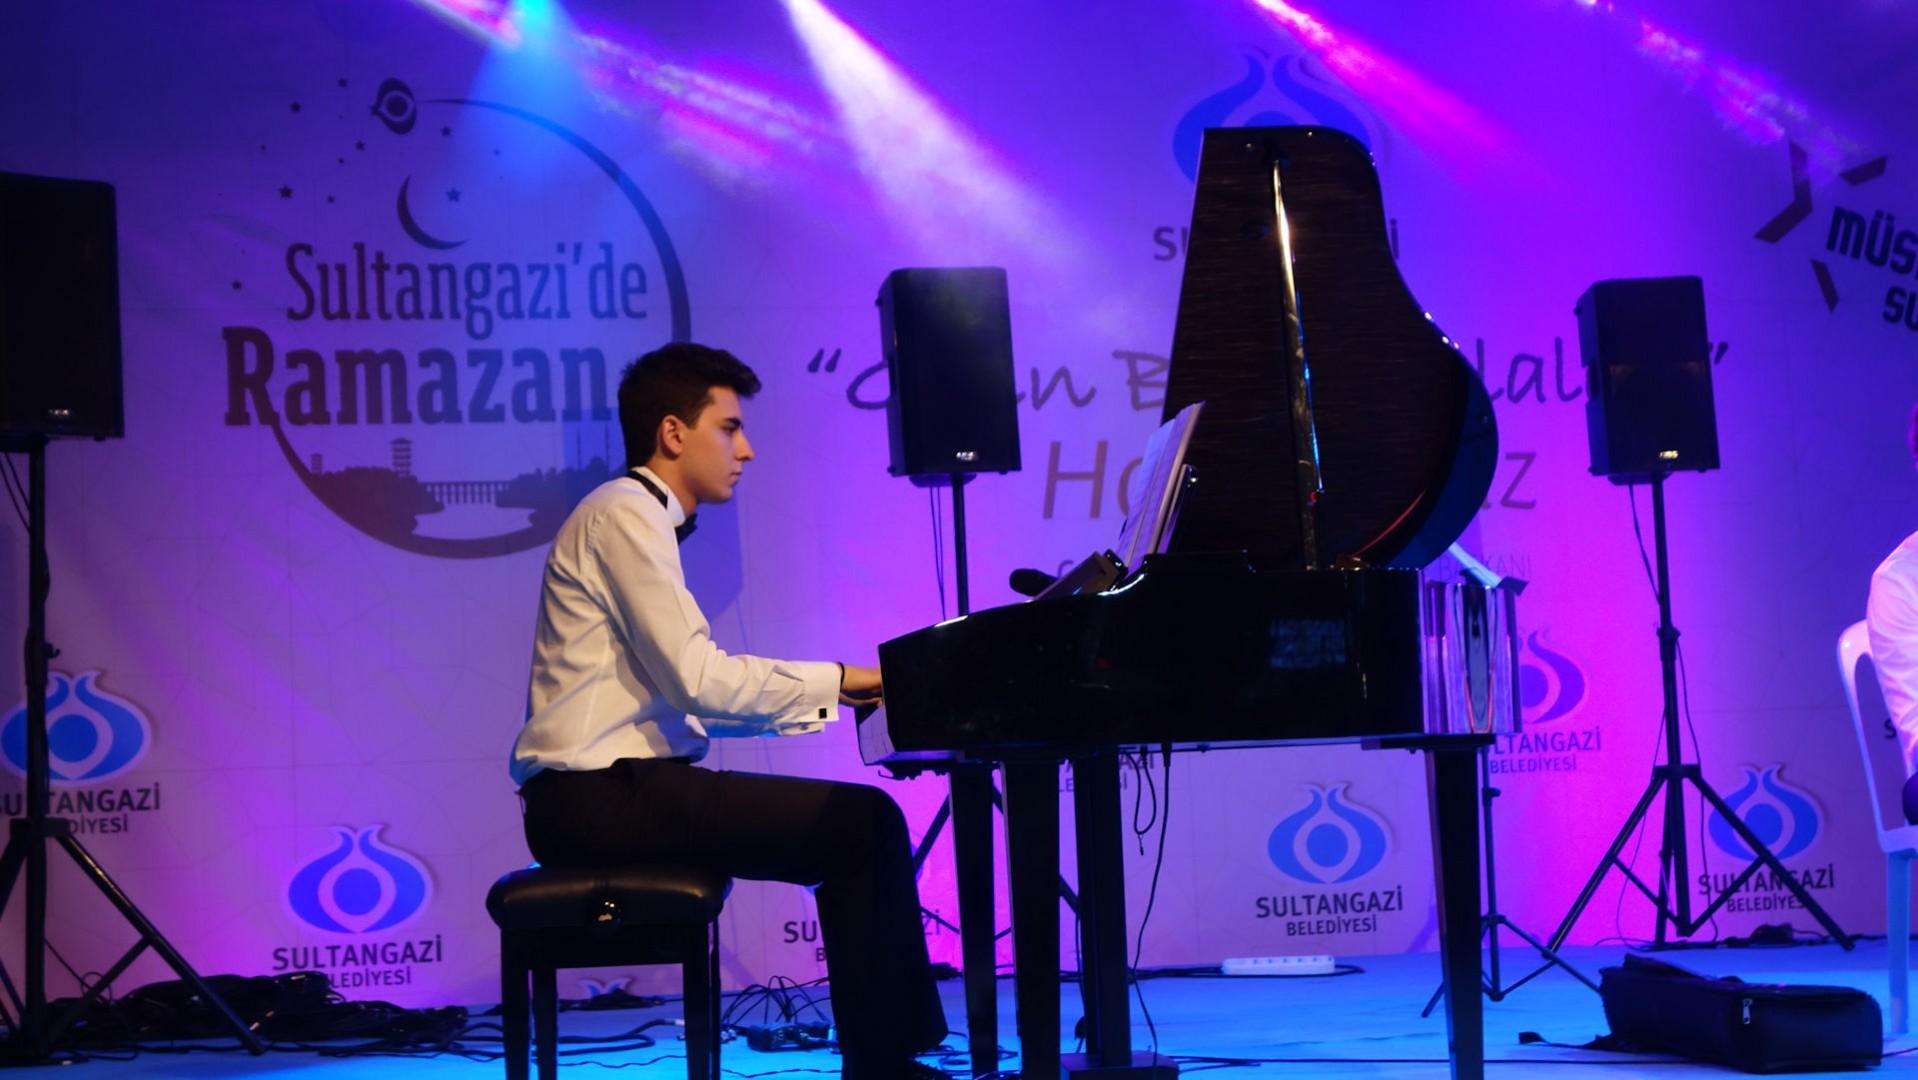 58. Sultangazi Belediyesi Ramazan Tasavvuf Konseri Nihat Hatipoğlu Konseri Öncesi Etkinliği. Genç Piyanist Güneş Yakartepe. Grup Piyano Türk Turki Turko 2